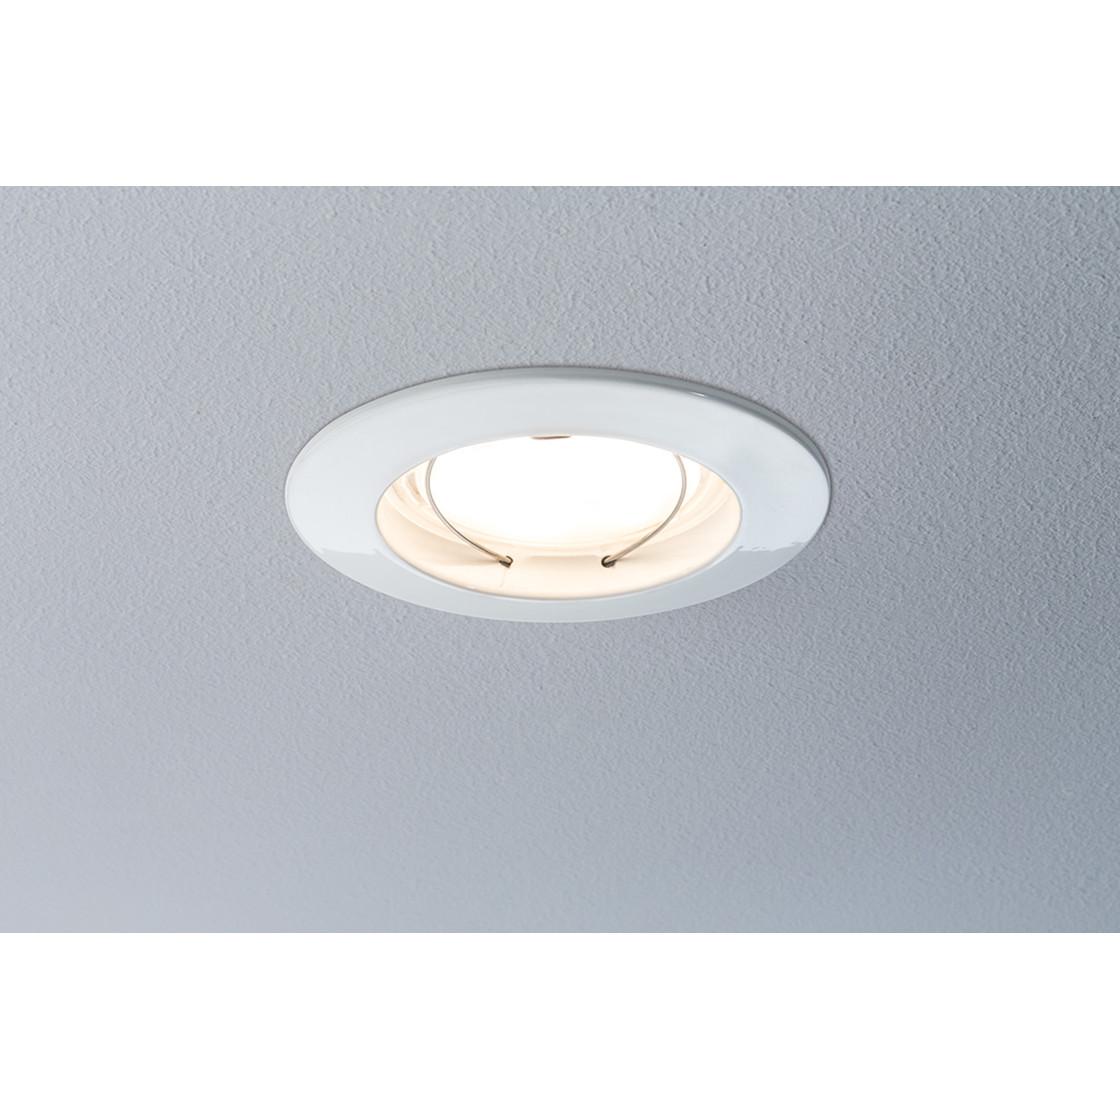 Paulmann einbauleuchten set premium line coin led for Lampen rampe